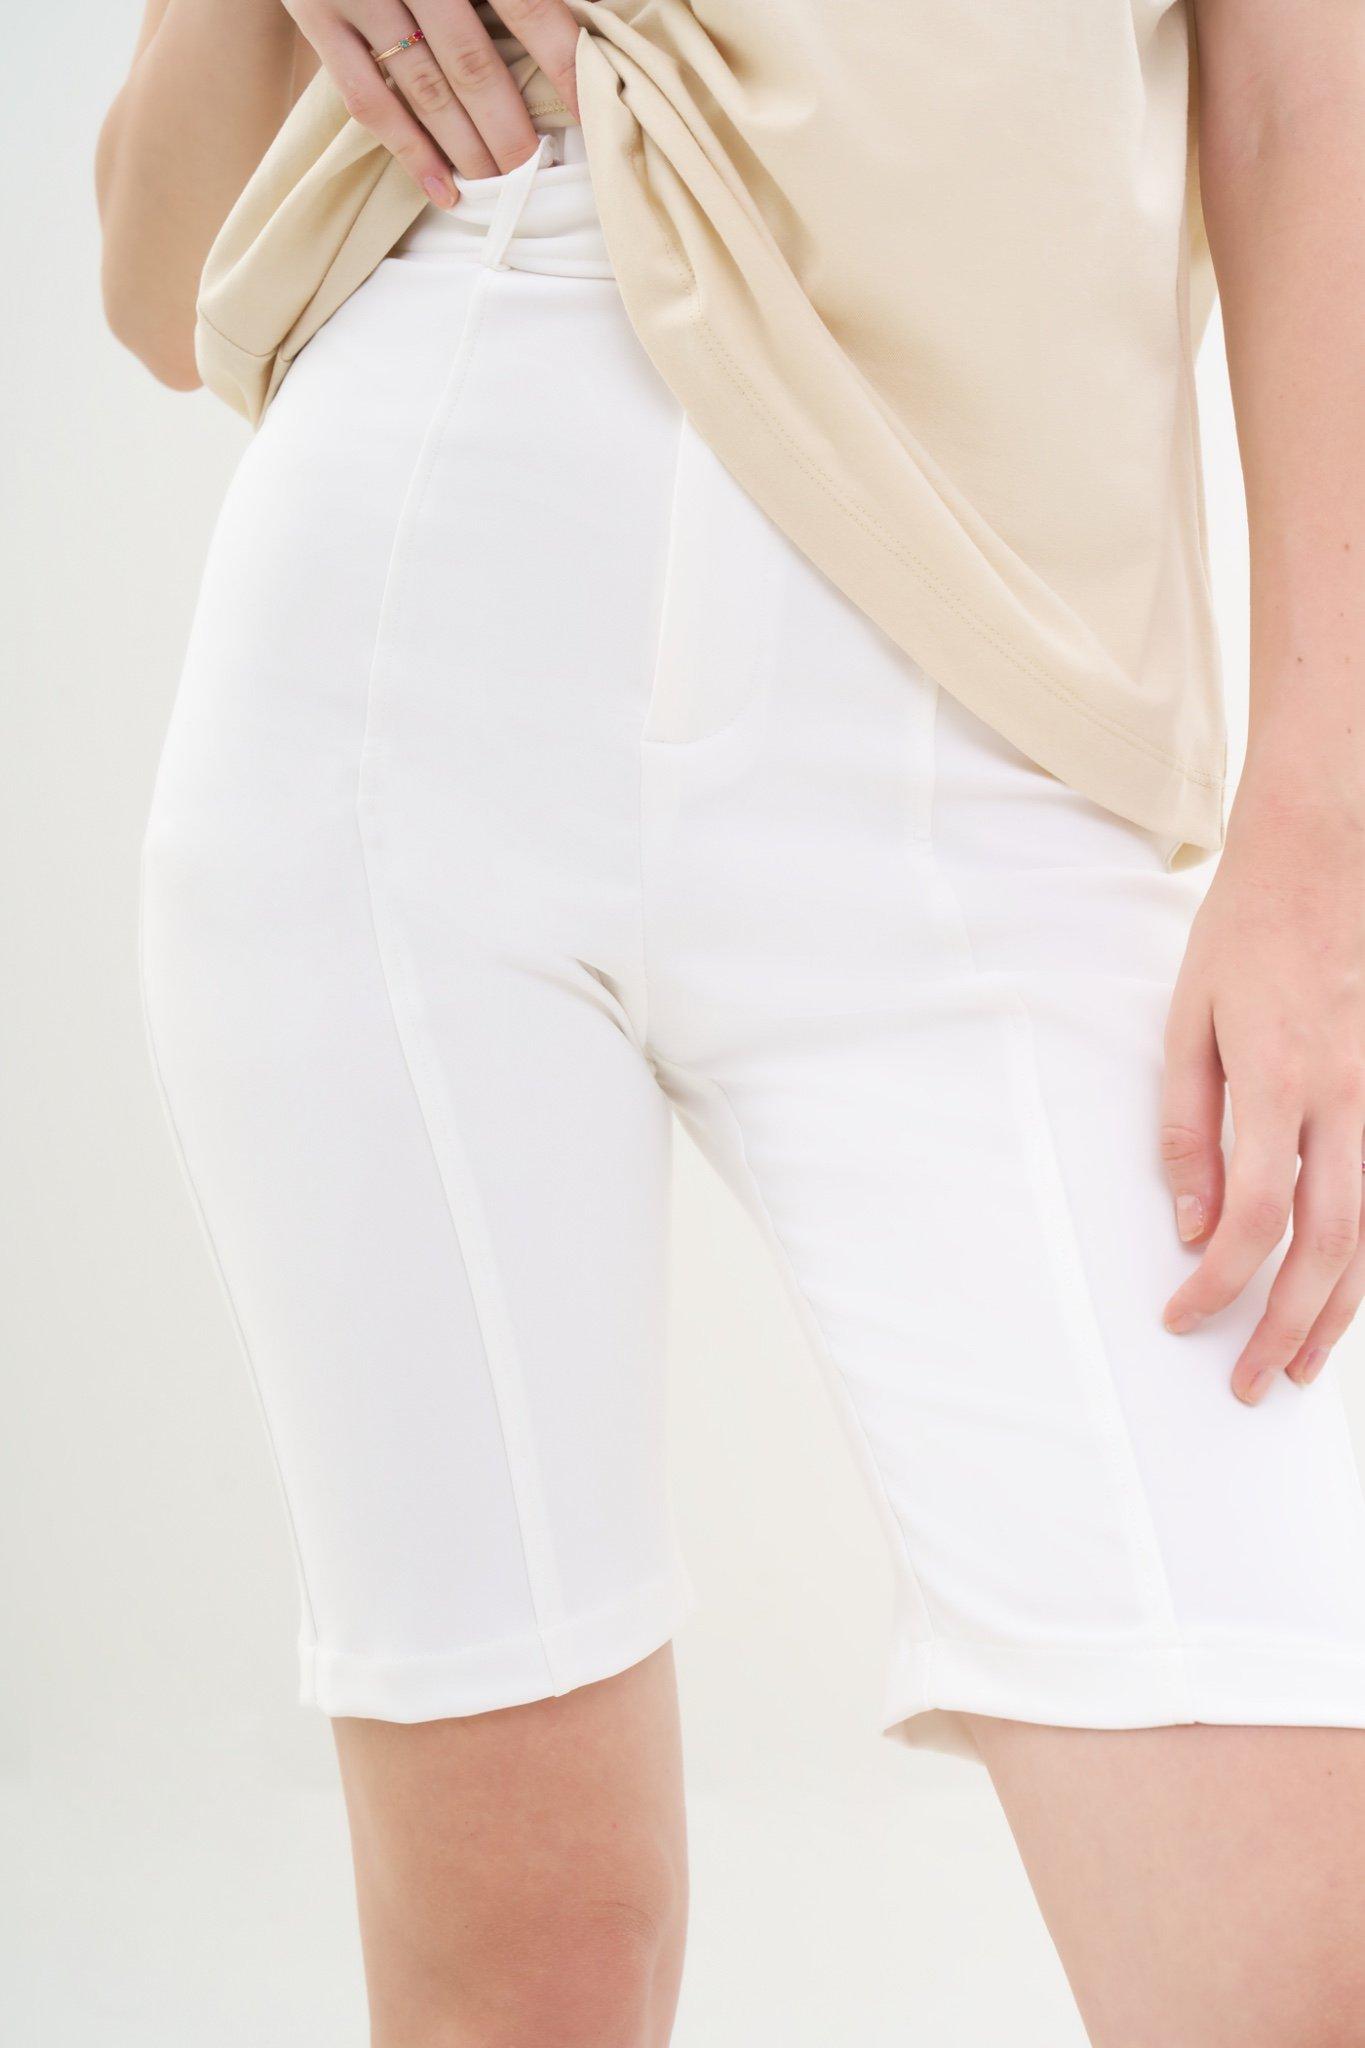 Quần short lưng cao kèm nịt